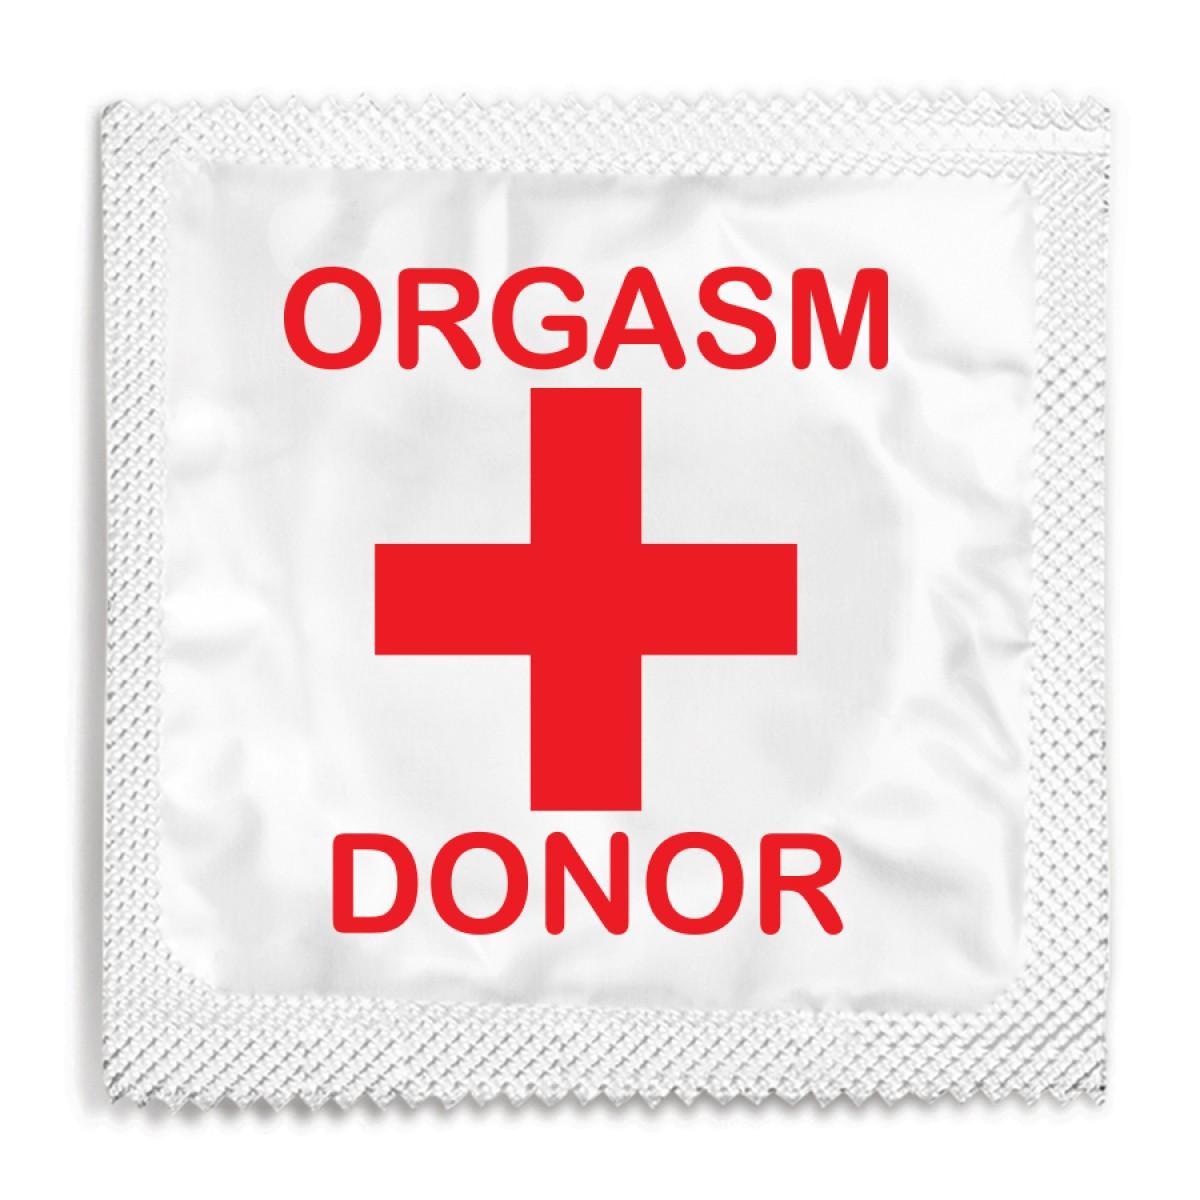 Orgasm Donor